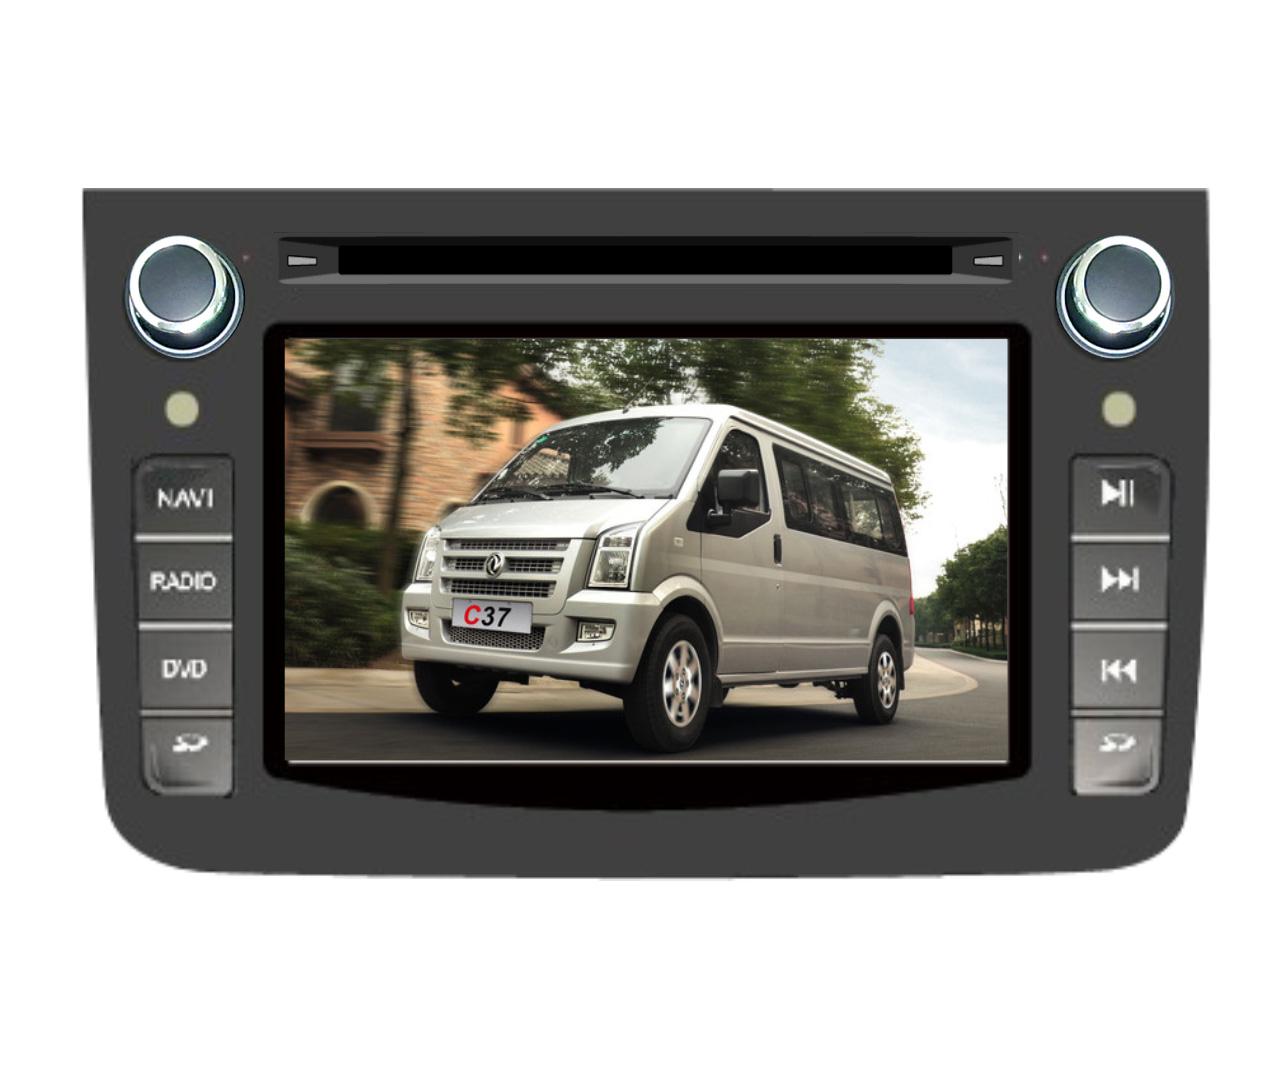 微型车专车专车专用车载dvd导航-东风小康c37